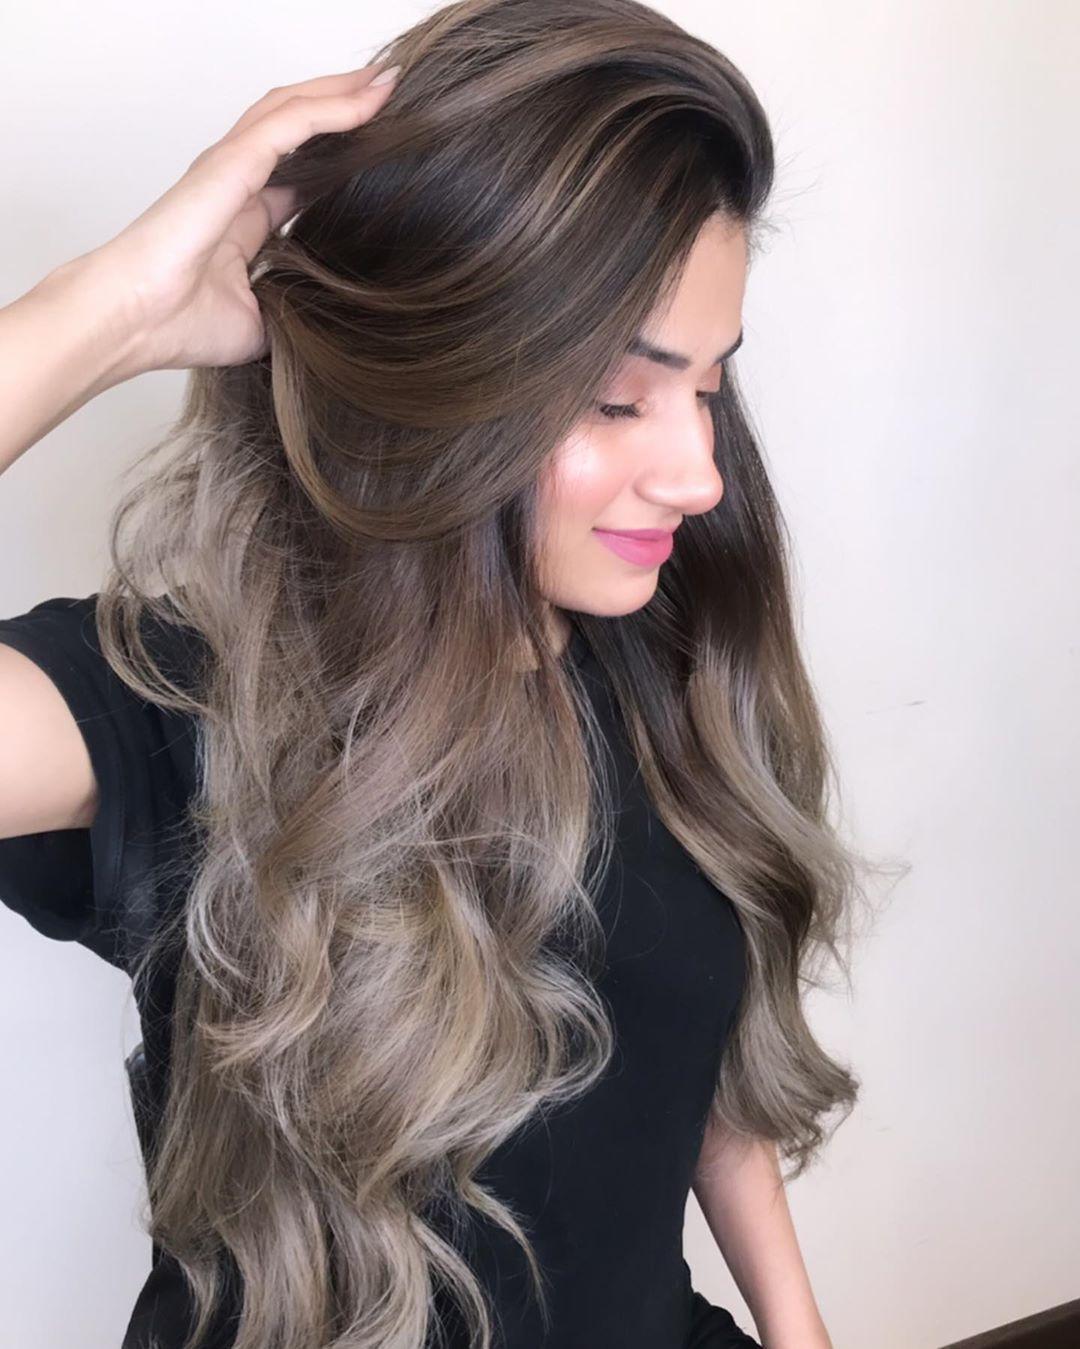 adeeba_hair_colourist